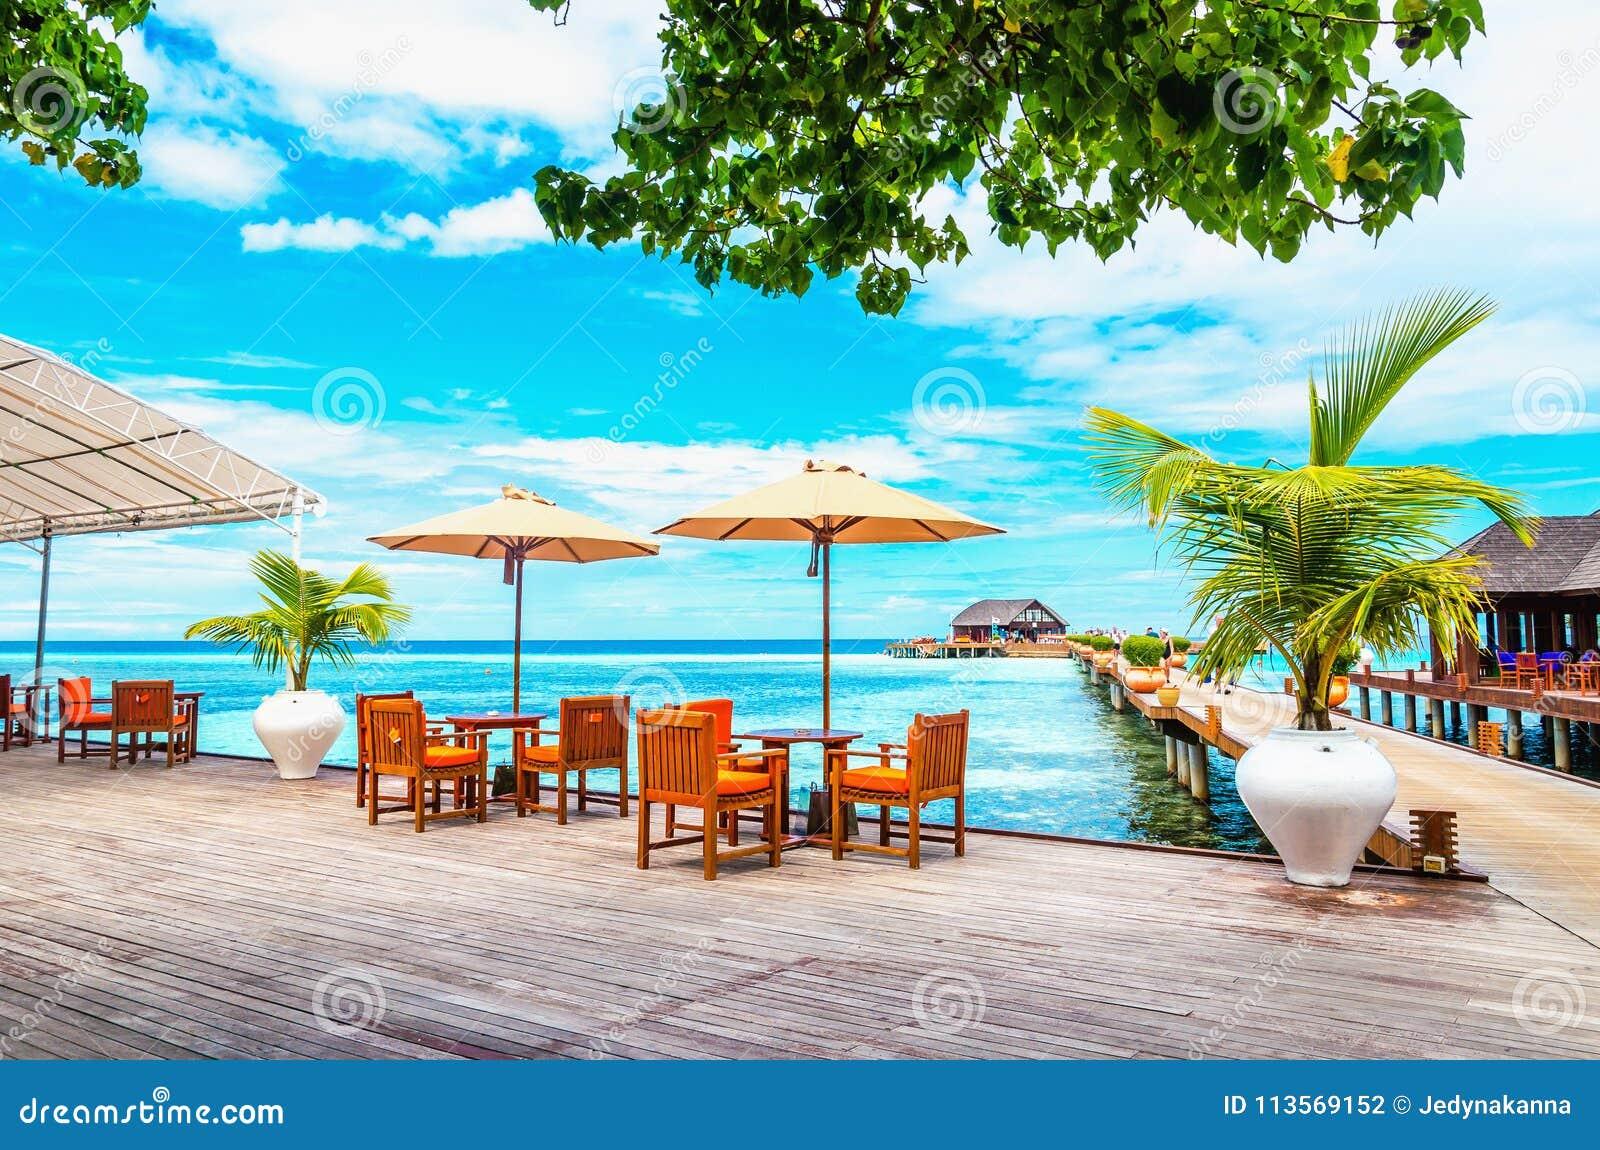 表和椅子与阳伞在一个木码头反对海洋和木平房的天蓝色的水的